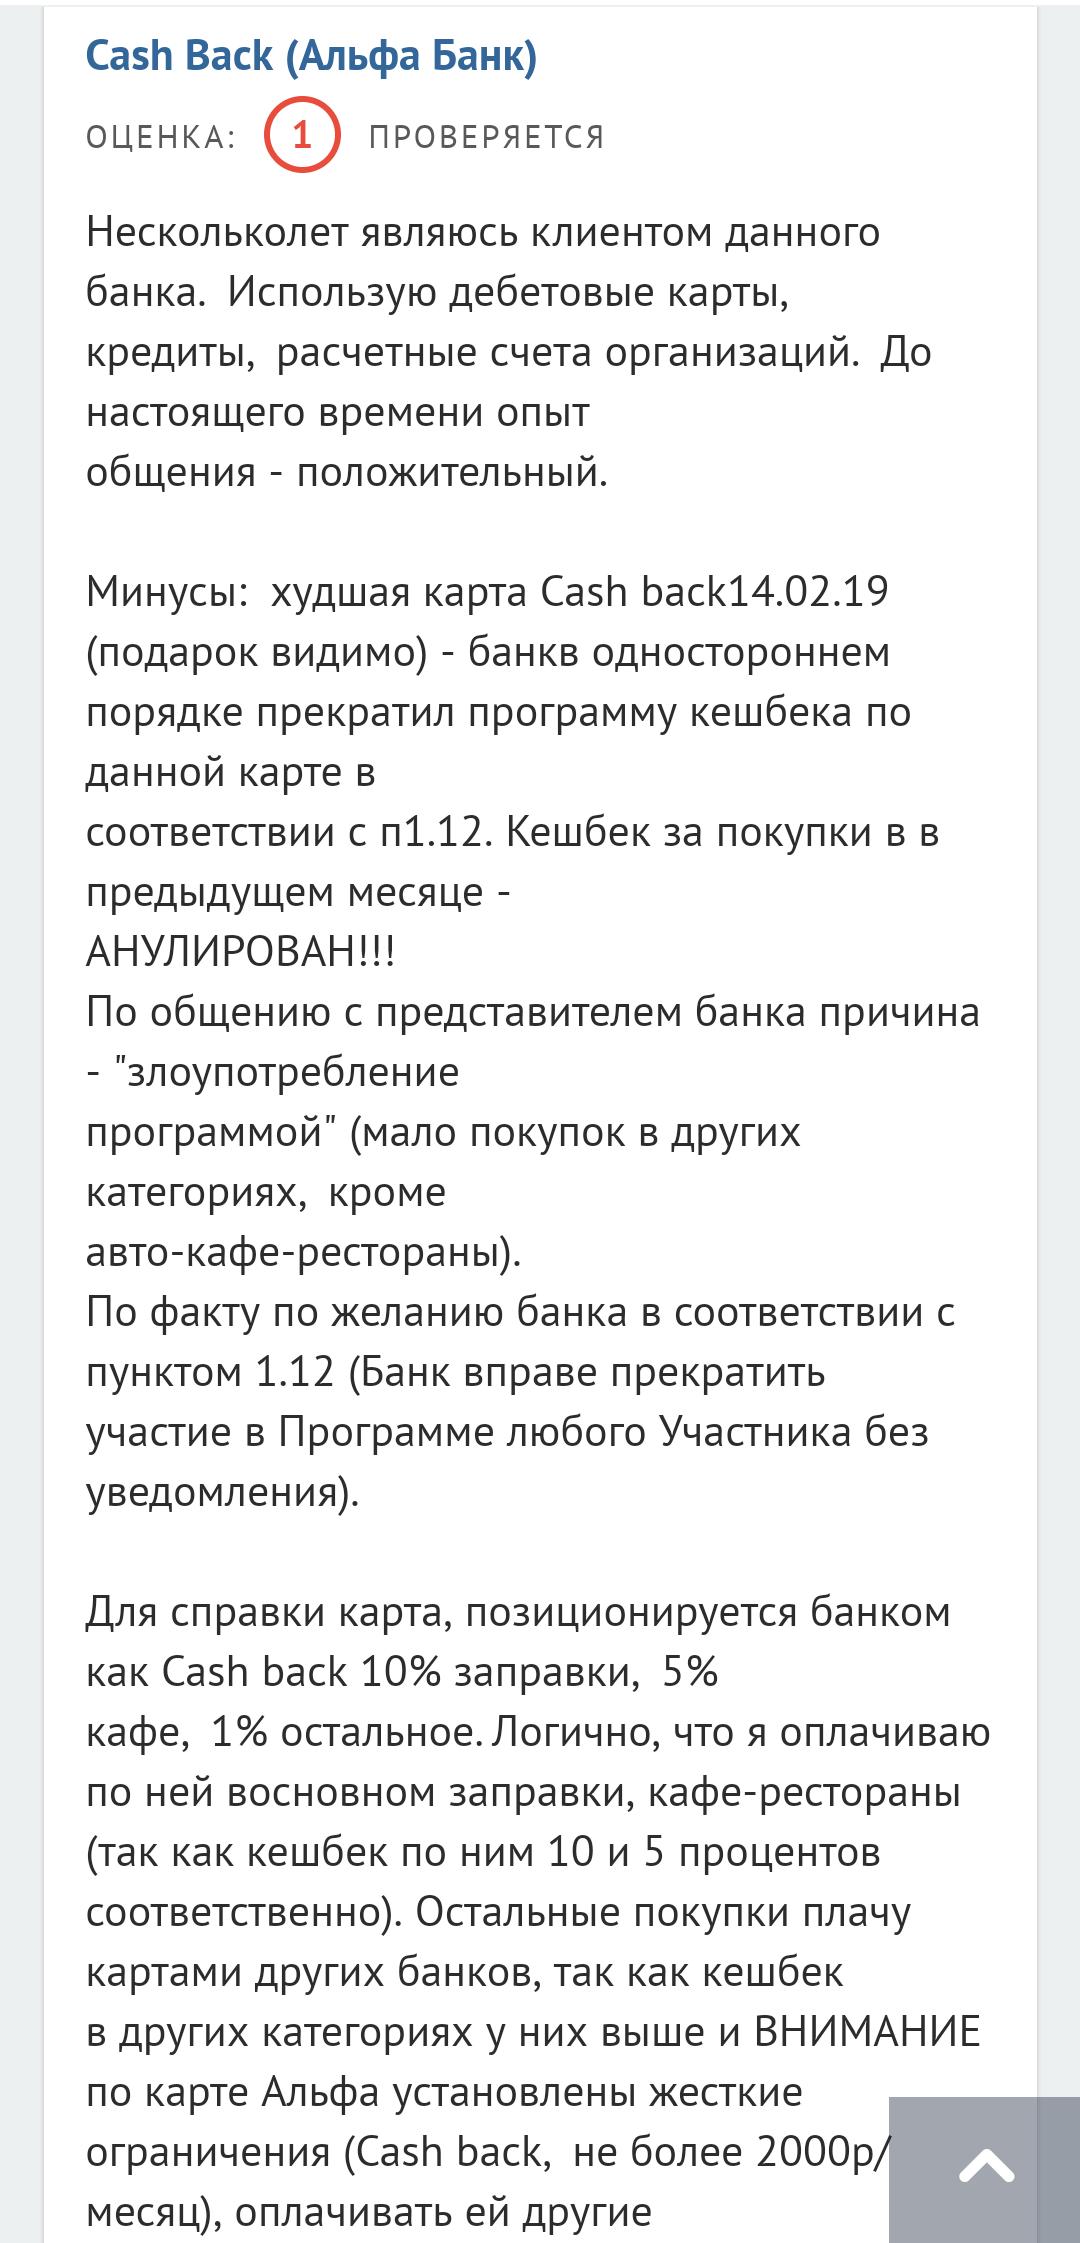 кредит 500 рублей на 70 лет